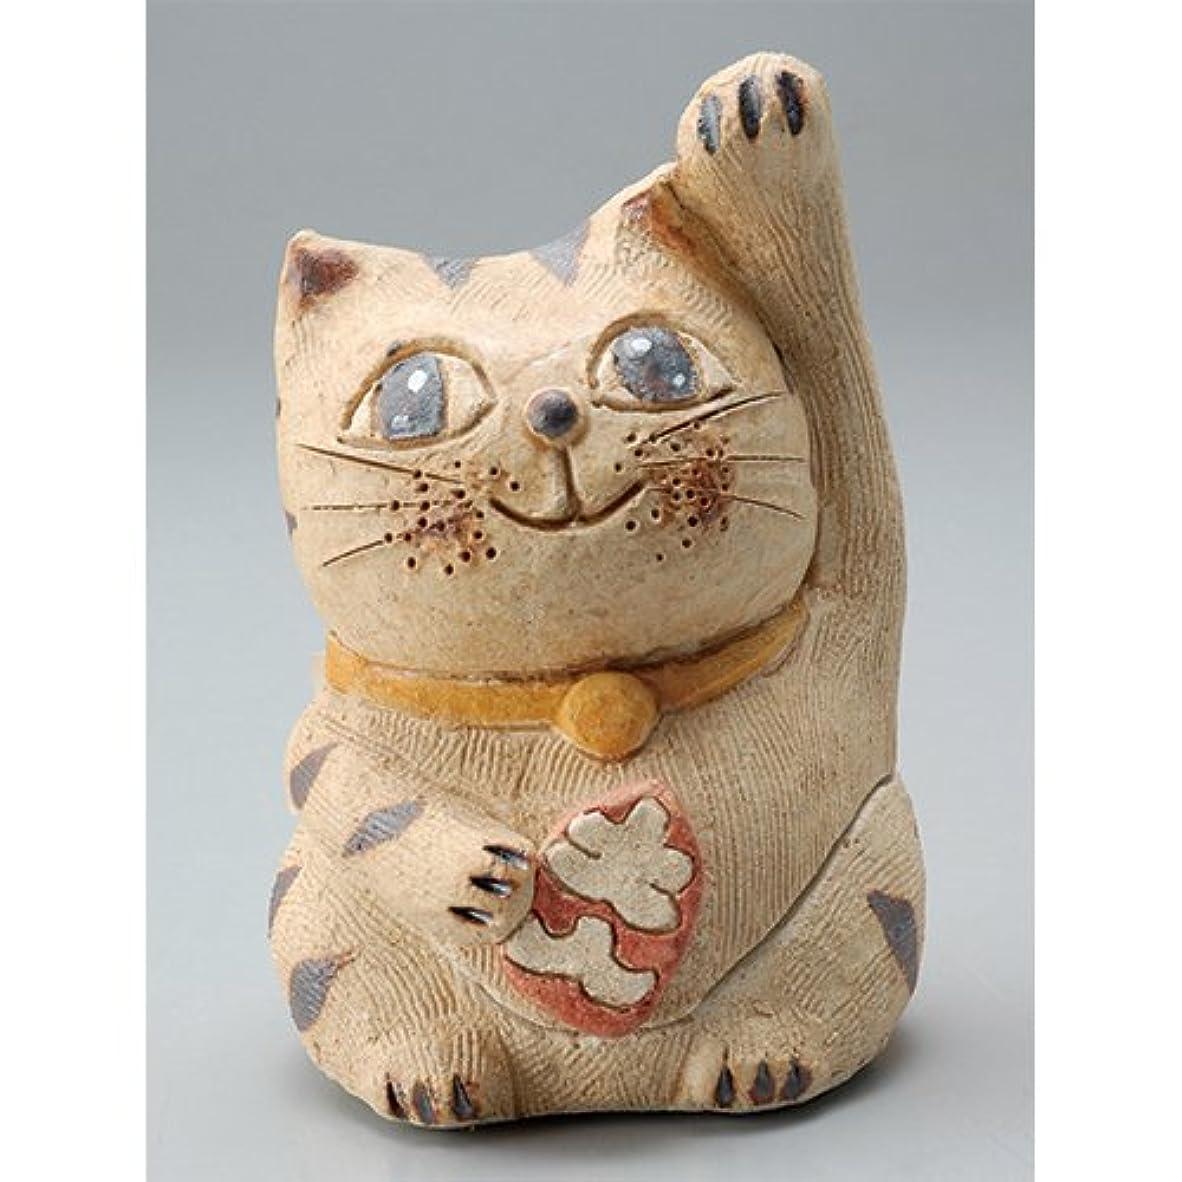 書士スピン回答香炉 円な瞳招き猫(人招き)香炉(小) [H8.5cm] HANDMADE プレゼント ギフト 和食器 かわいい インテリア